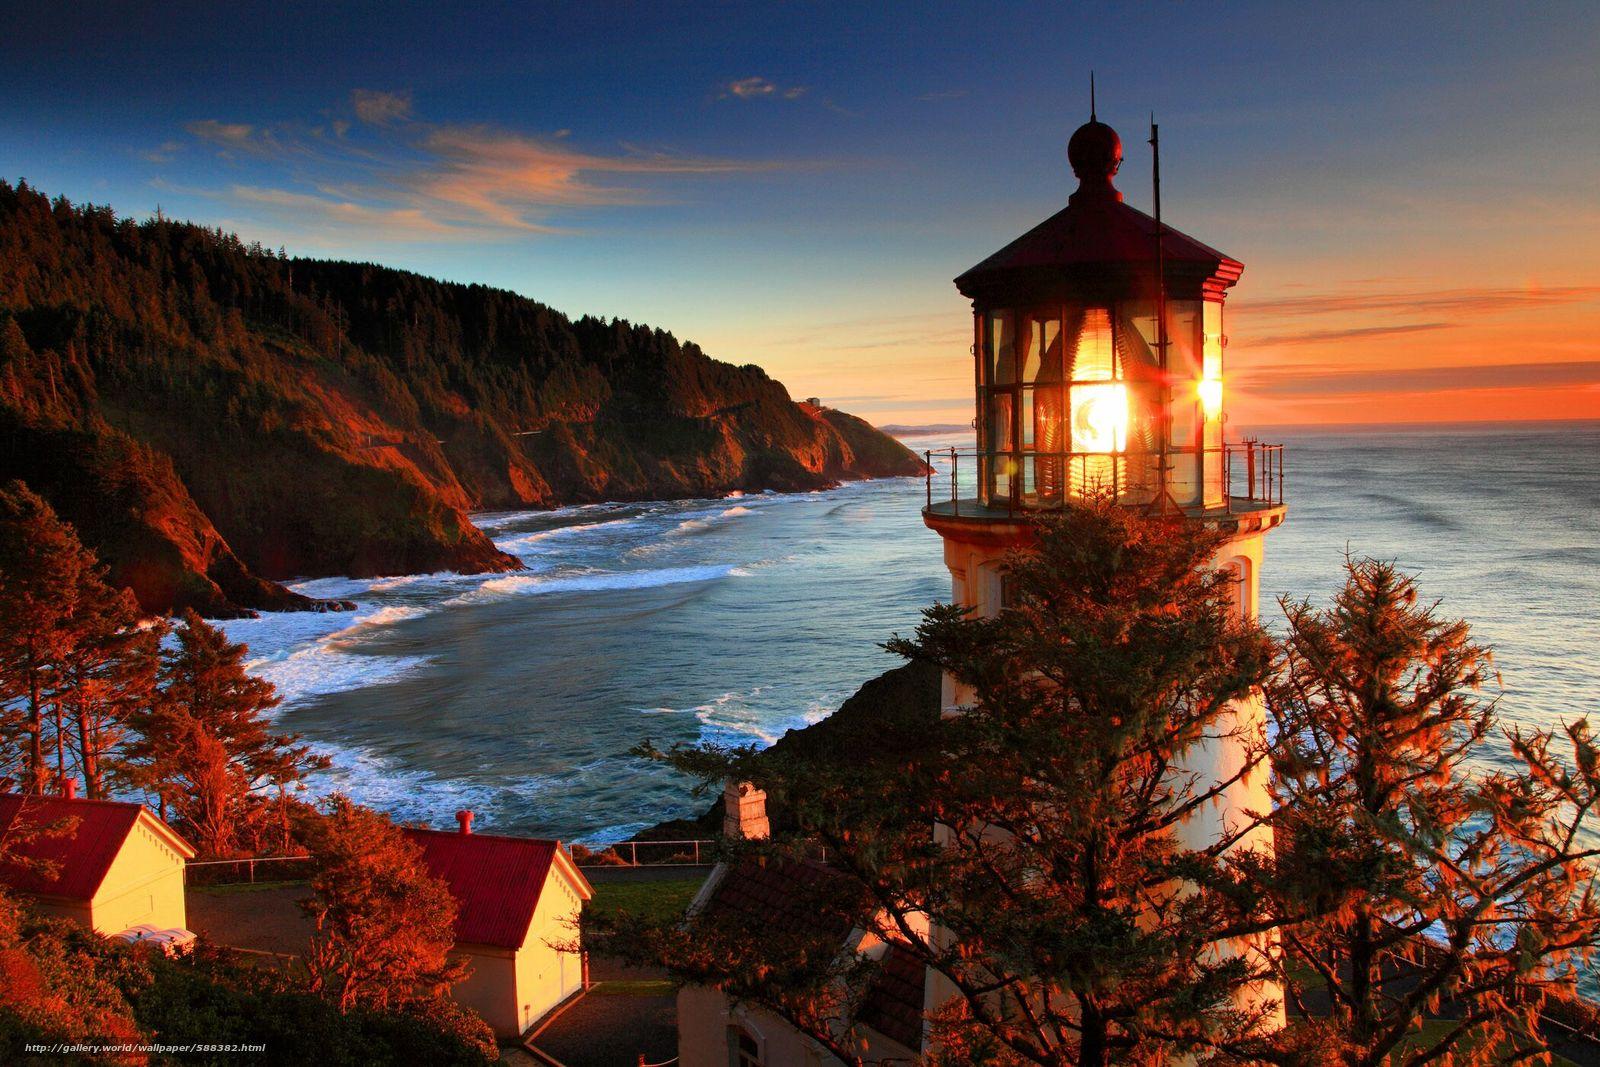 Скачать обои побережье,  море,  природа,  маяк бесплатно для рабочего стола в разрешении 2100x1400 — картинка №588382